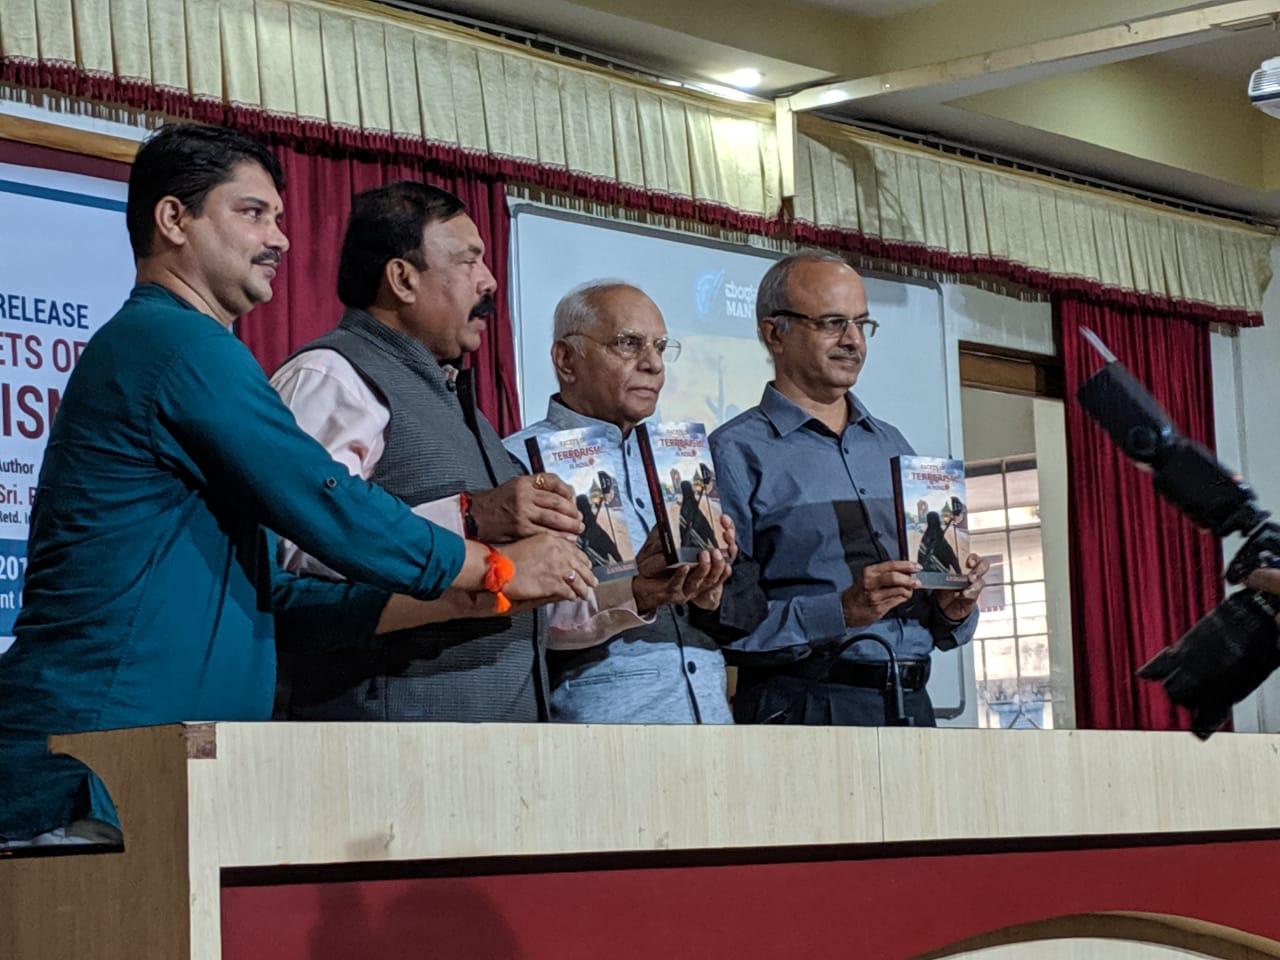 ಮಂಗಳೂರು: ಆರ್.ಎನ್ ಕುಲಕರ್ಣಿ ಅವರು ಬರೆದಿರುವ 'ಫೆಸೆಟ್ಸ್ ಆಫ್ ಟೆರರಿಸಂ ಇನ್ ಇಂಡಿಯಾ' ಪುಸ್ತಕ ಅನಾವರಣ